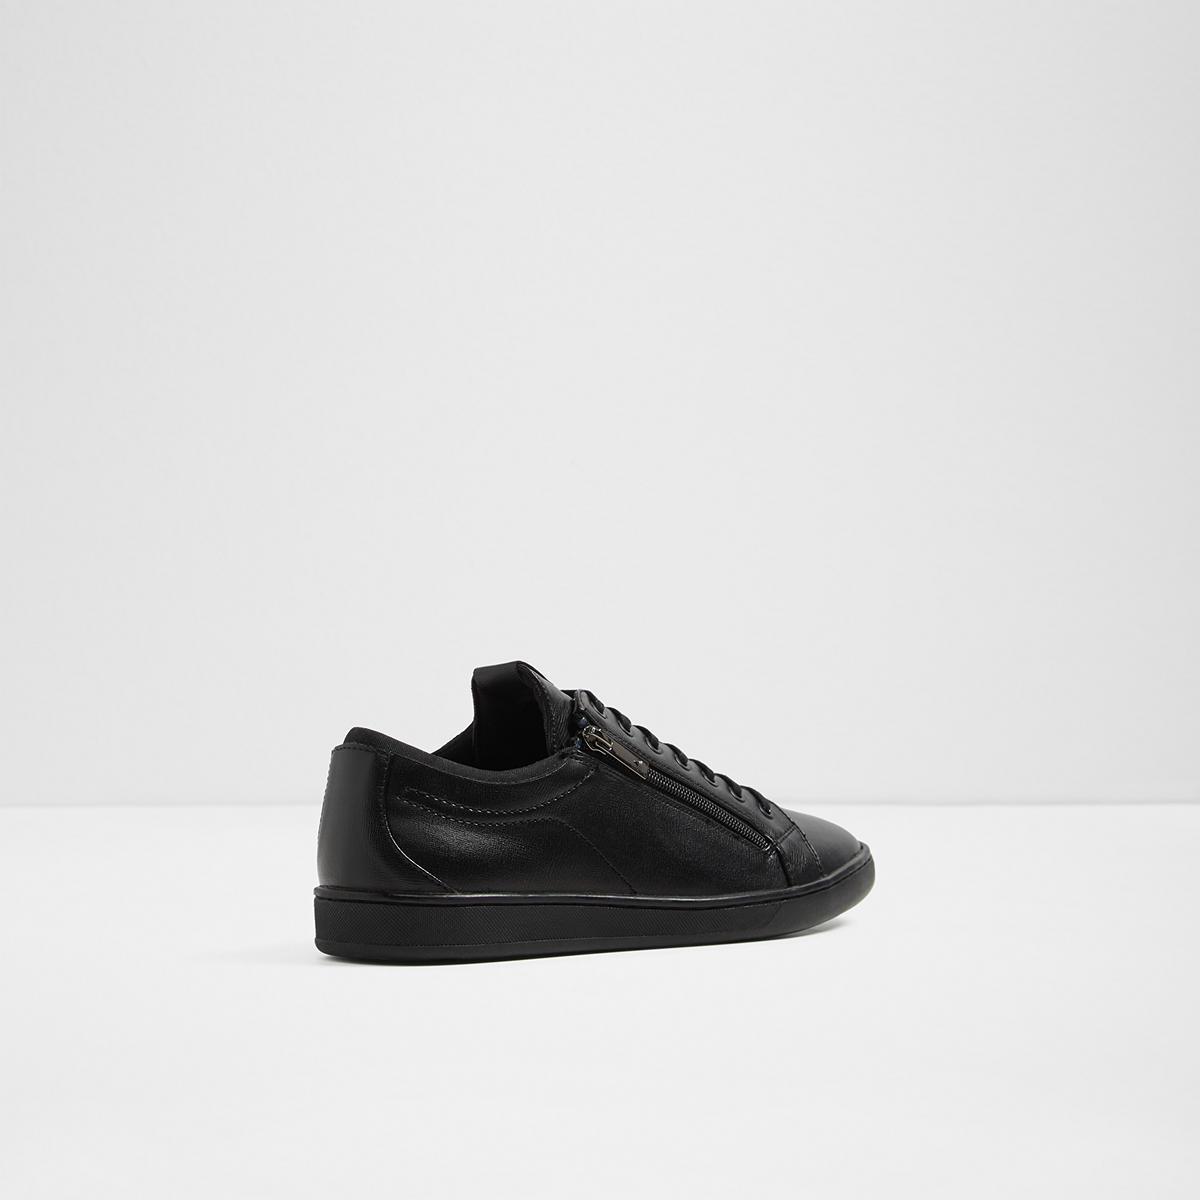 Aldo Pilleys Sneaker WUVGMMVuWg